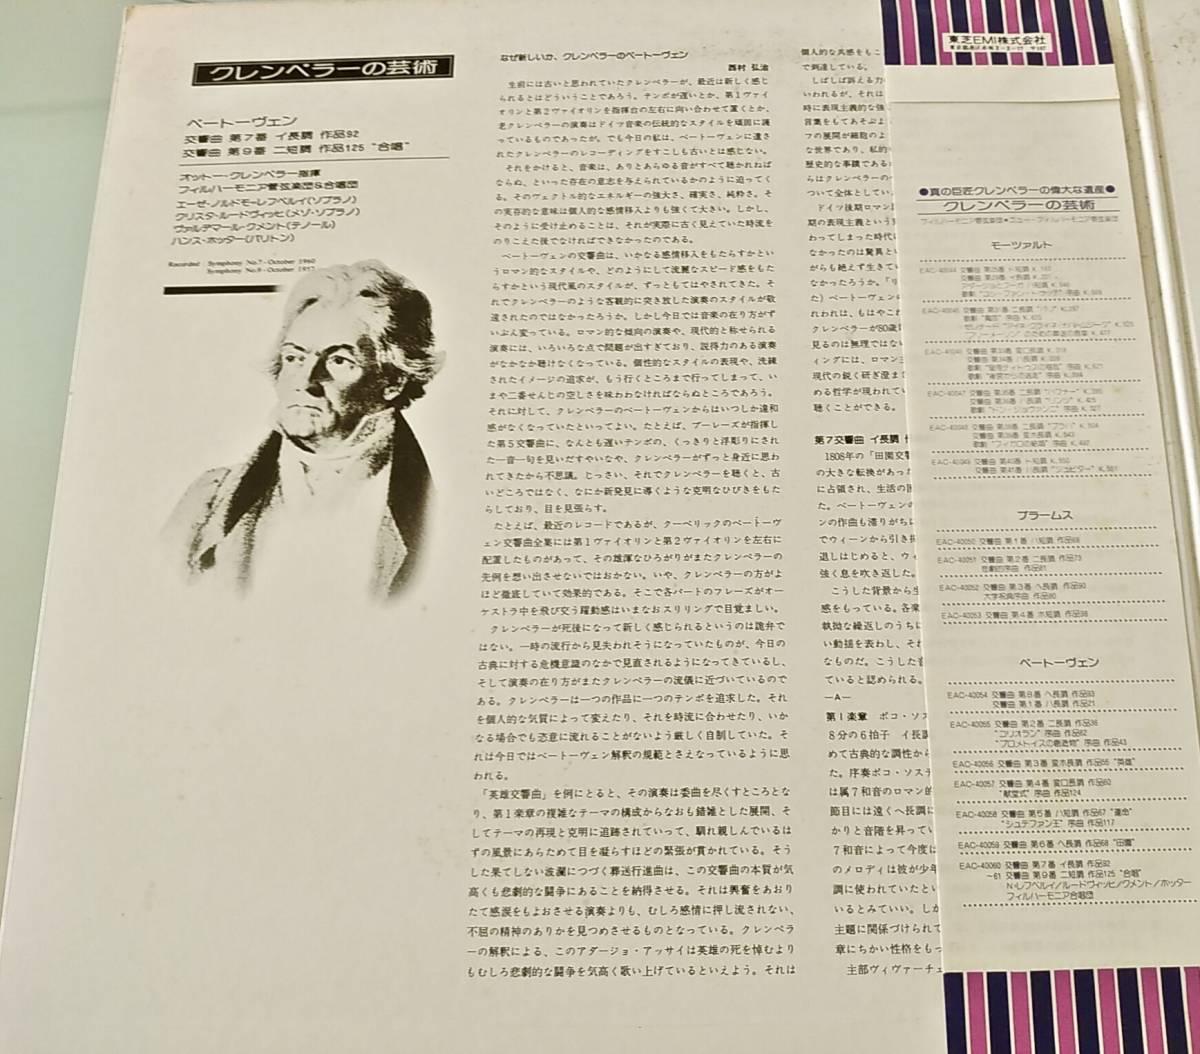 【2枚組】ベートーヴェン/交響曲第7番イ長調、第9番ニ短調「合唱付」 オットー・クレンペラー指揮 フィルハーモニア管弦楽団及び合唱団_画像3